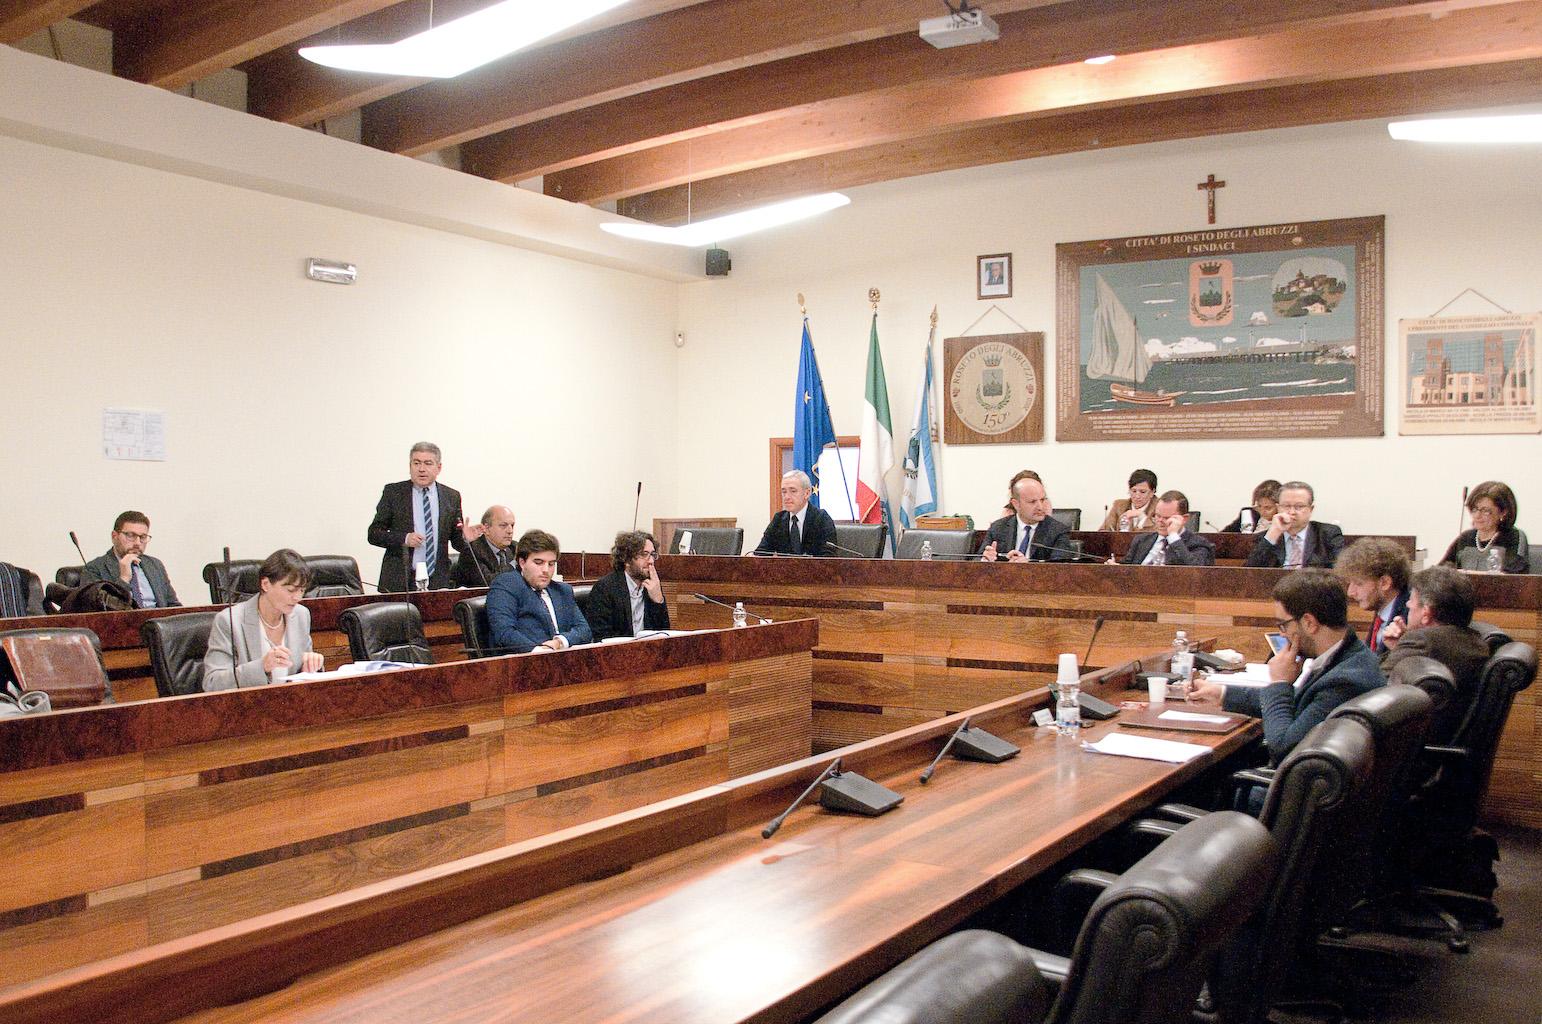 Roseto, approvato il bilancio e le variazioni al preventivo 2017/2019: fondi alle scuole per sicurezza, refezione e trasporto